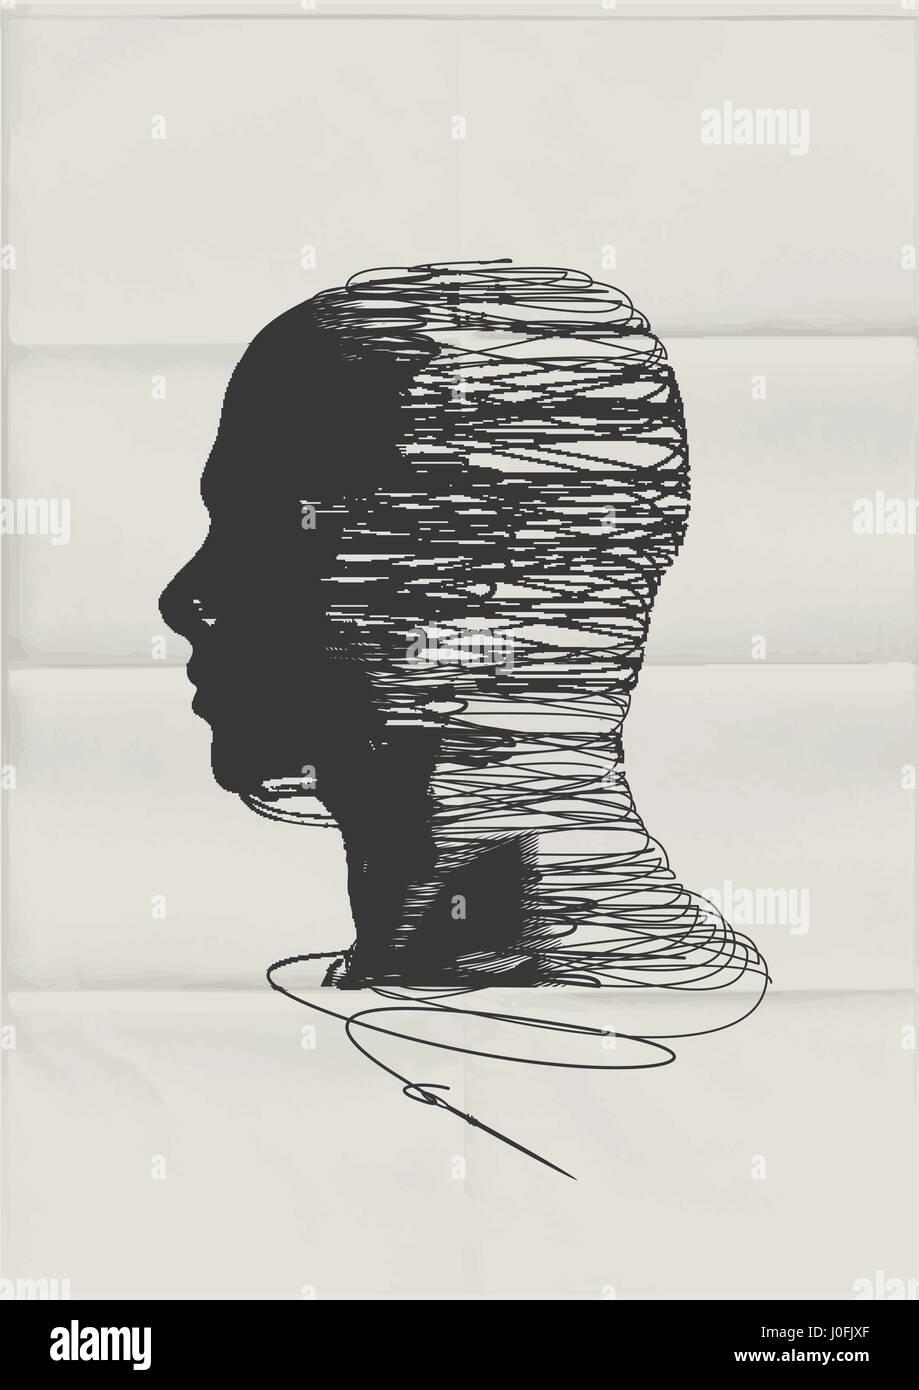 Der menschliche Geist. Die Form des Kopfes eines Mannes verstrickt mit Fäden von String - Konzept der psychischen Stockbild